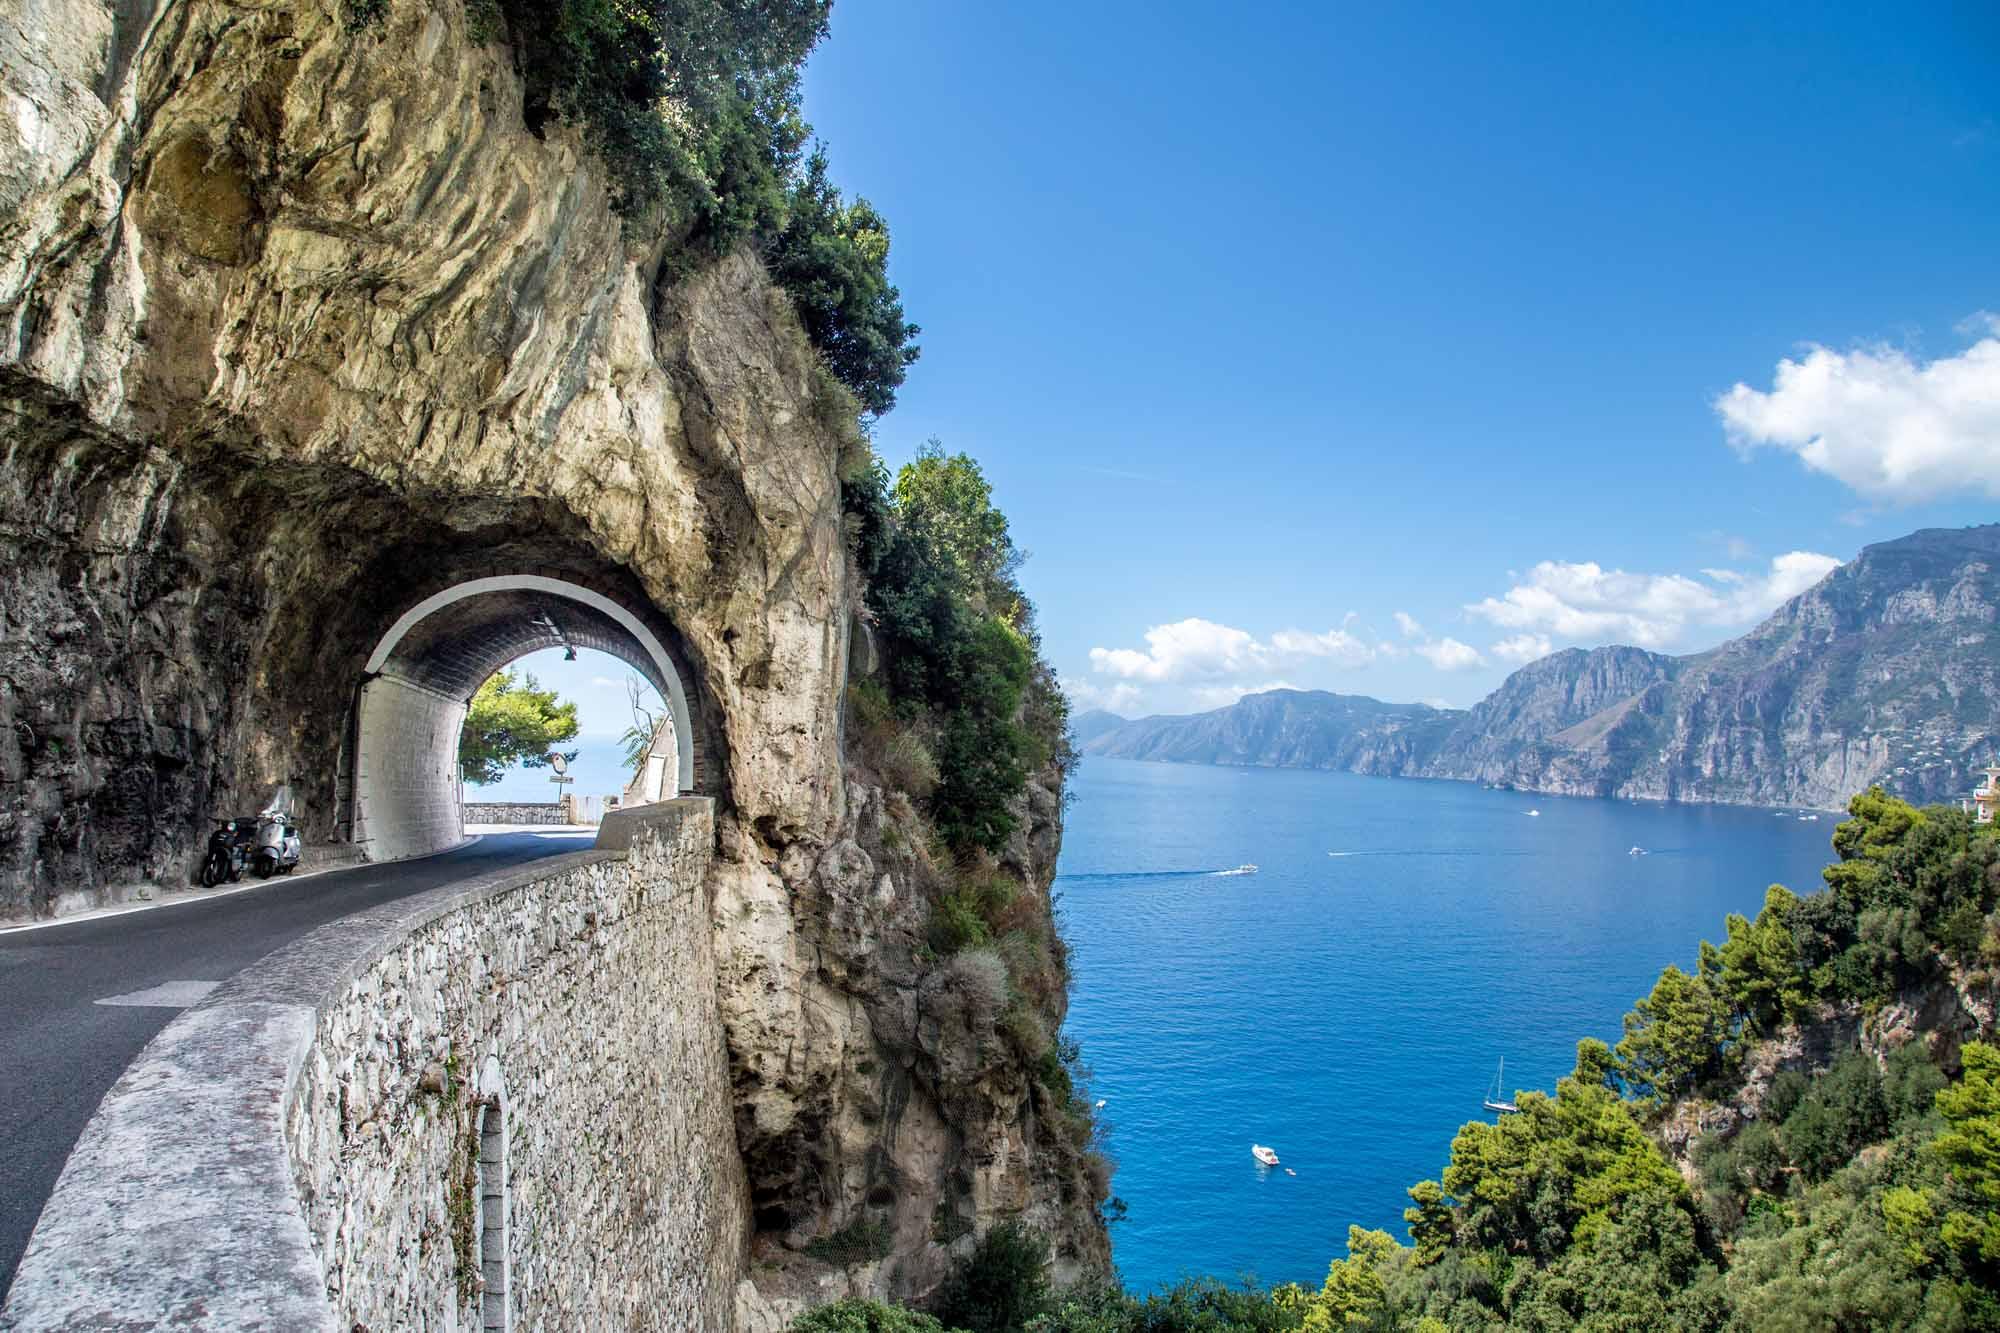 trip to scenic road scenic roads scenic place scenic places scenic view scenic views travel planner app